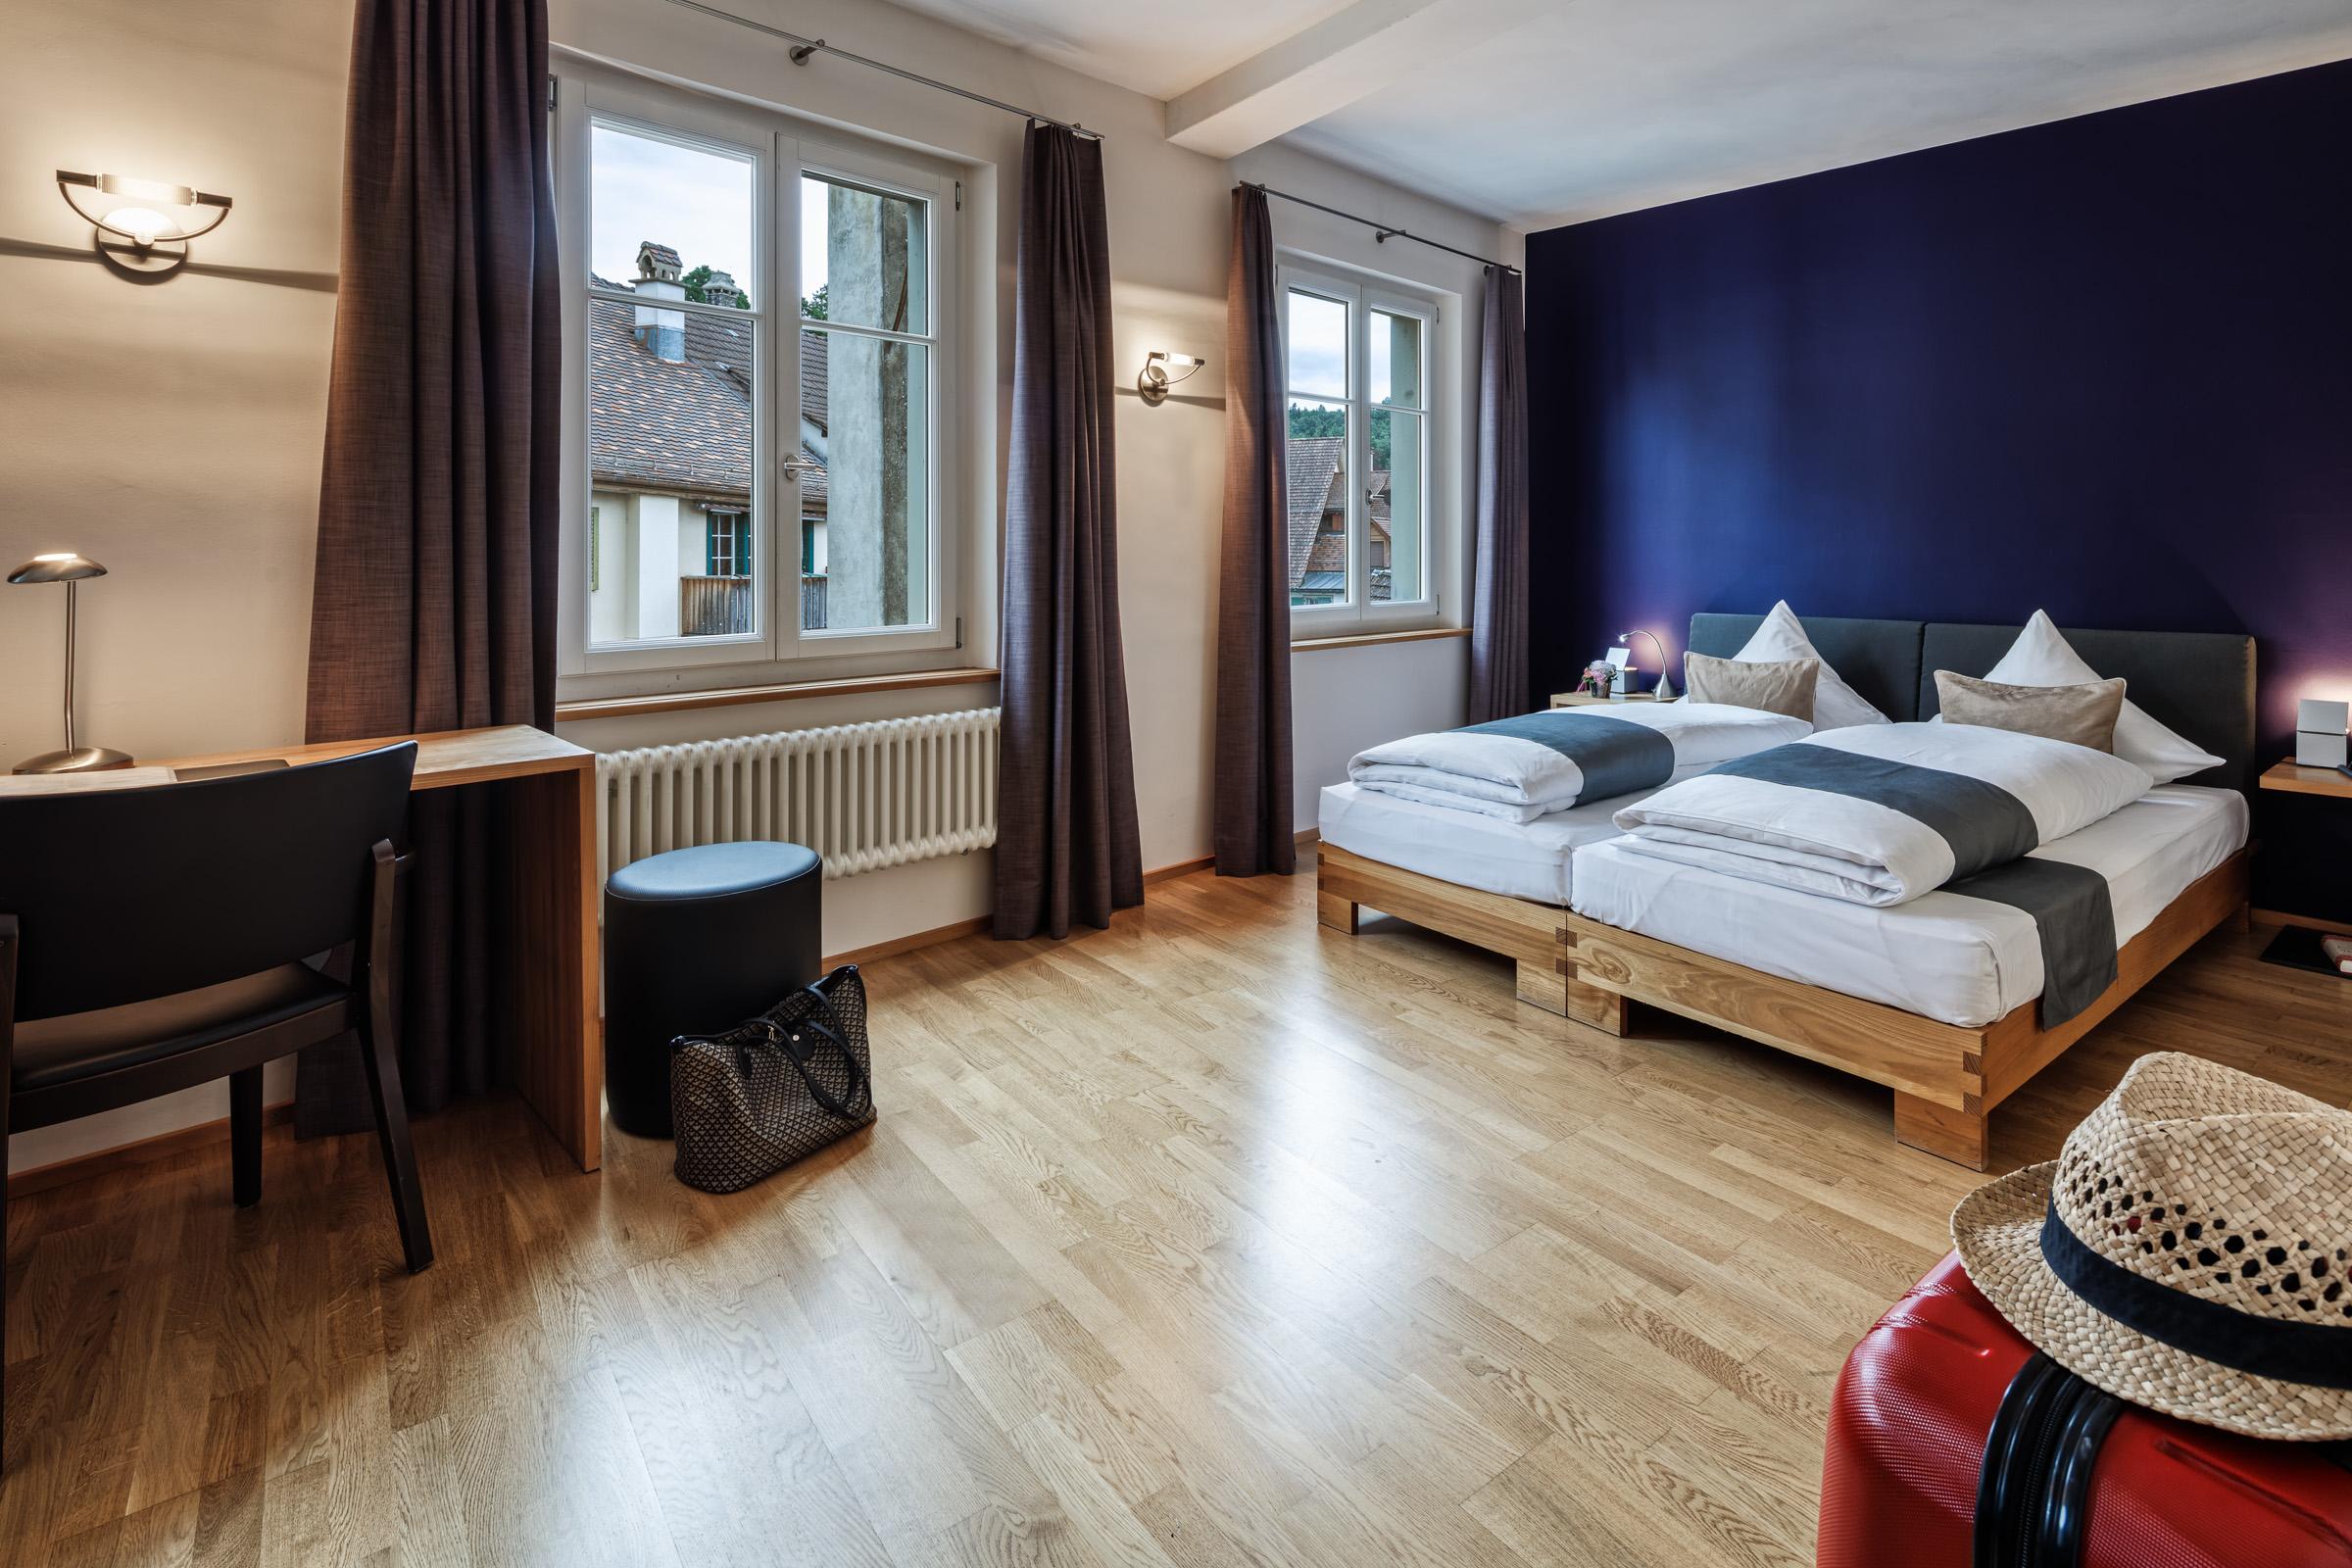 19-127 - Hotel Le Lion Bischofszell - Hotelfotografie--8.jpg